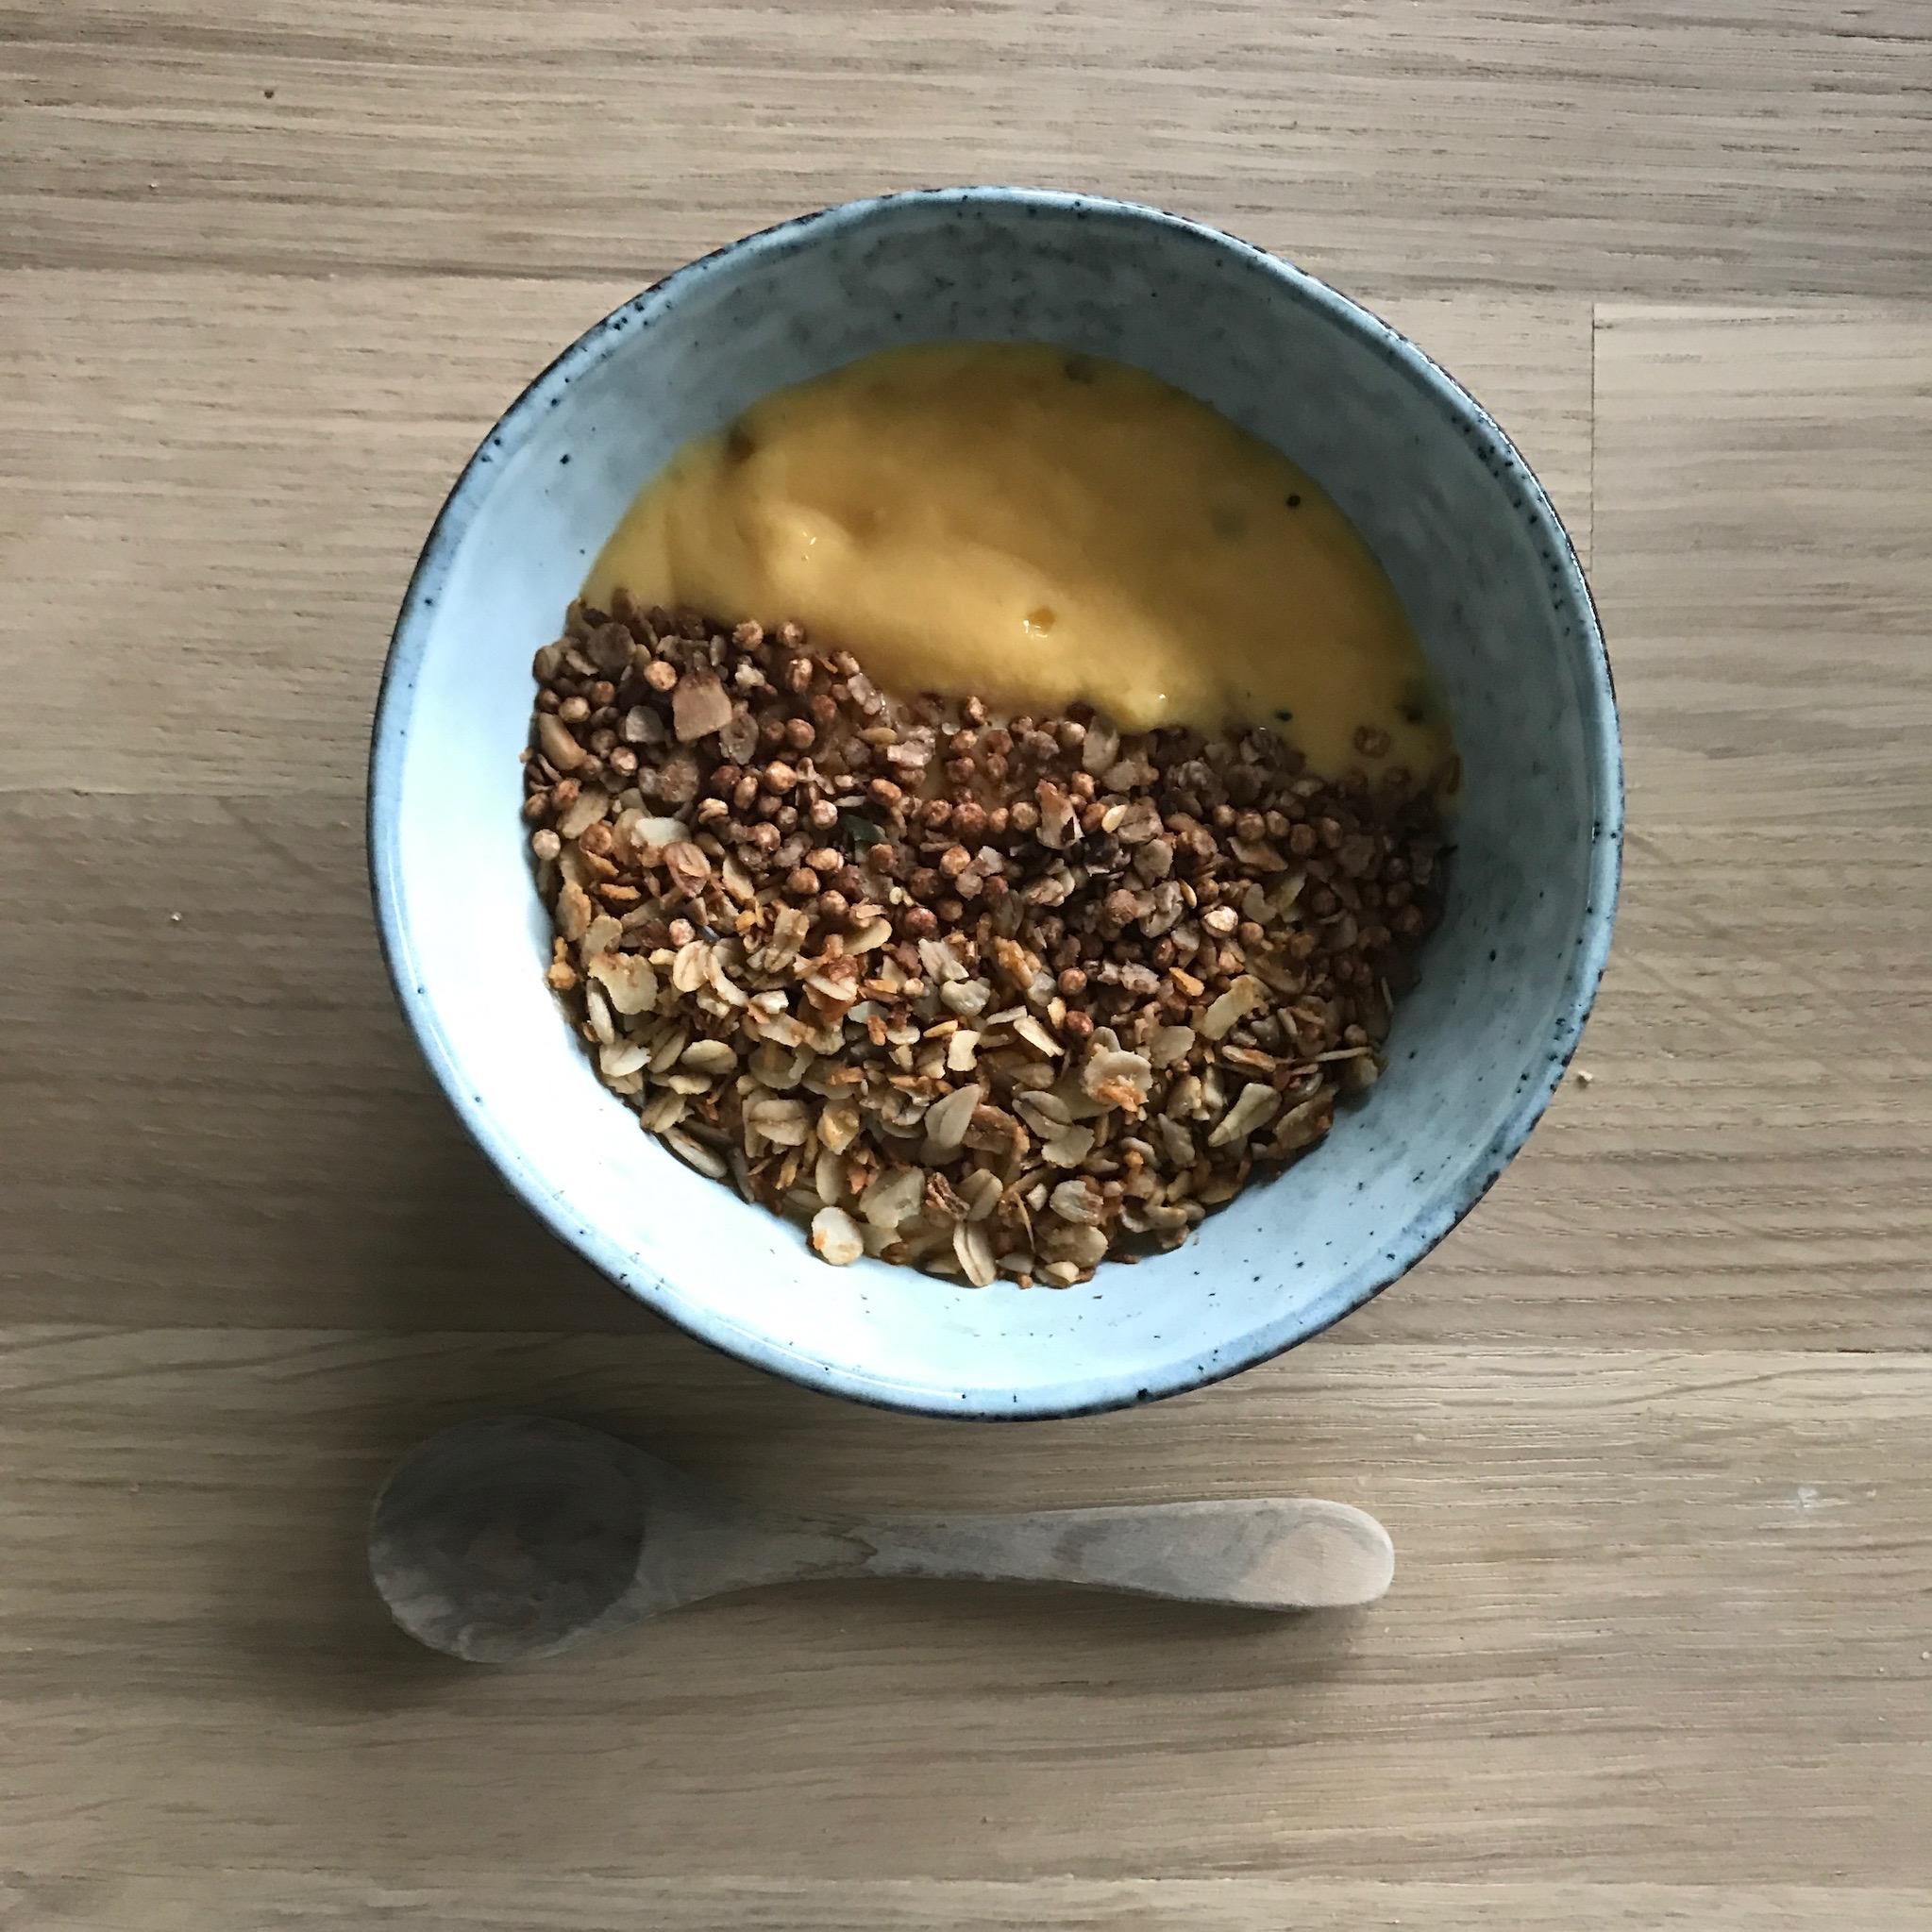 Die Rezepte für Kokos udn Schoko Granola zusammen mit selbsgenachtem Mangojoghurt findet ihr auf unserem Blog